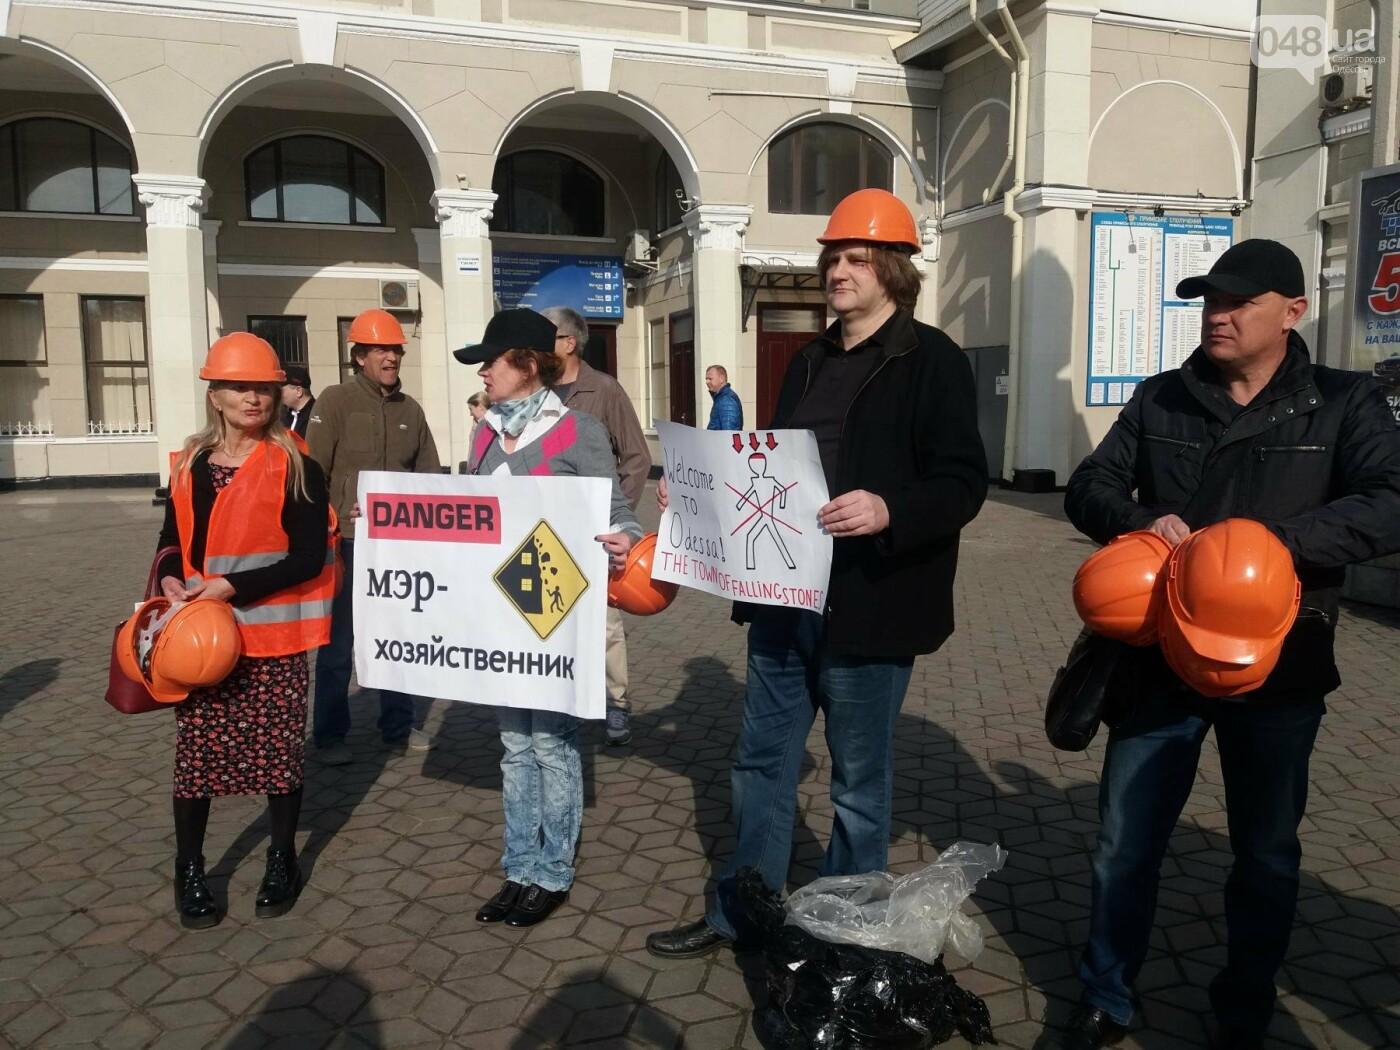 «Осторожно: мэр-хозяйственник» - в Одессе на вокзале туристам выдавали каски (ФОТО, ВИДЕО), фото-8